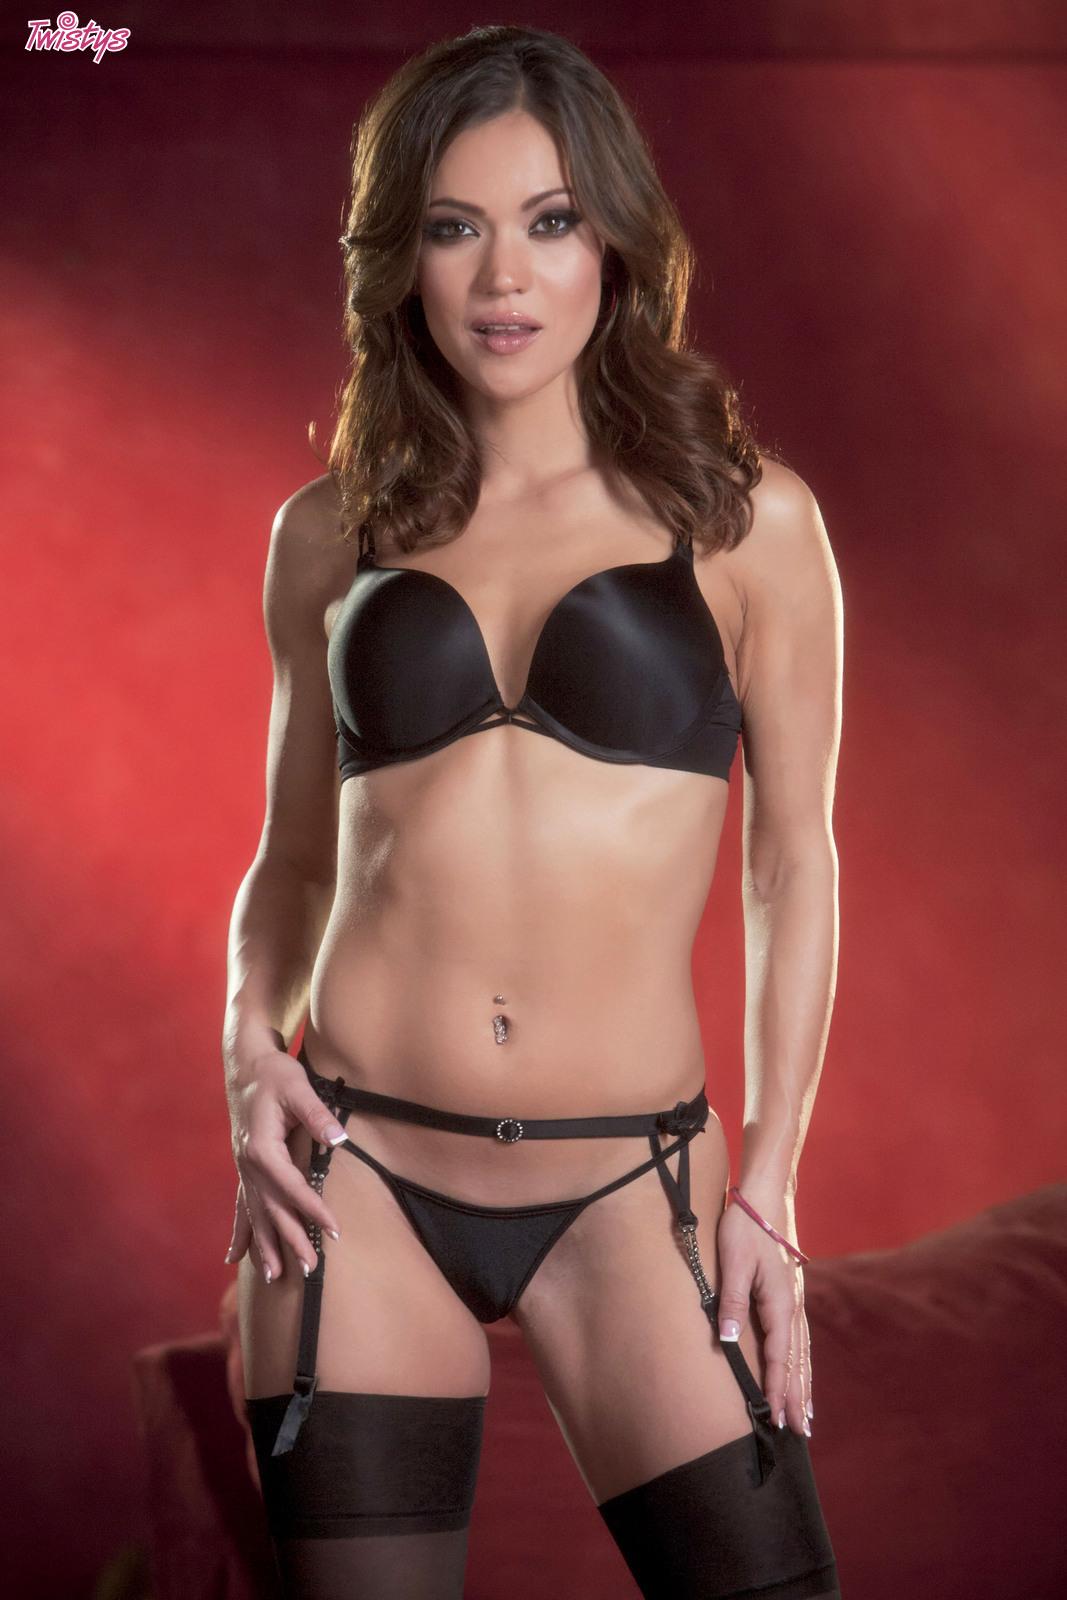 Alyssa Reece Nude Pics alyssa reece - free pics, videos & biography